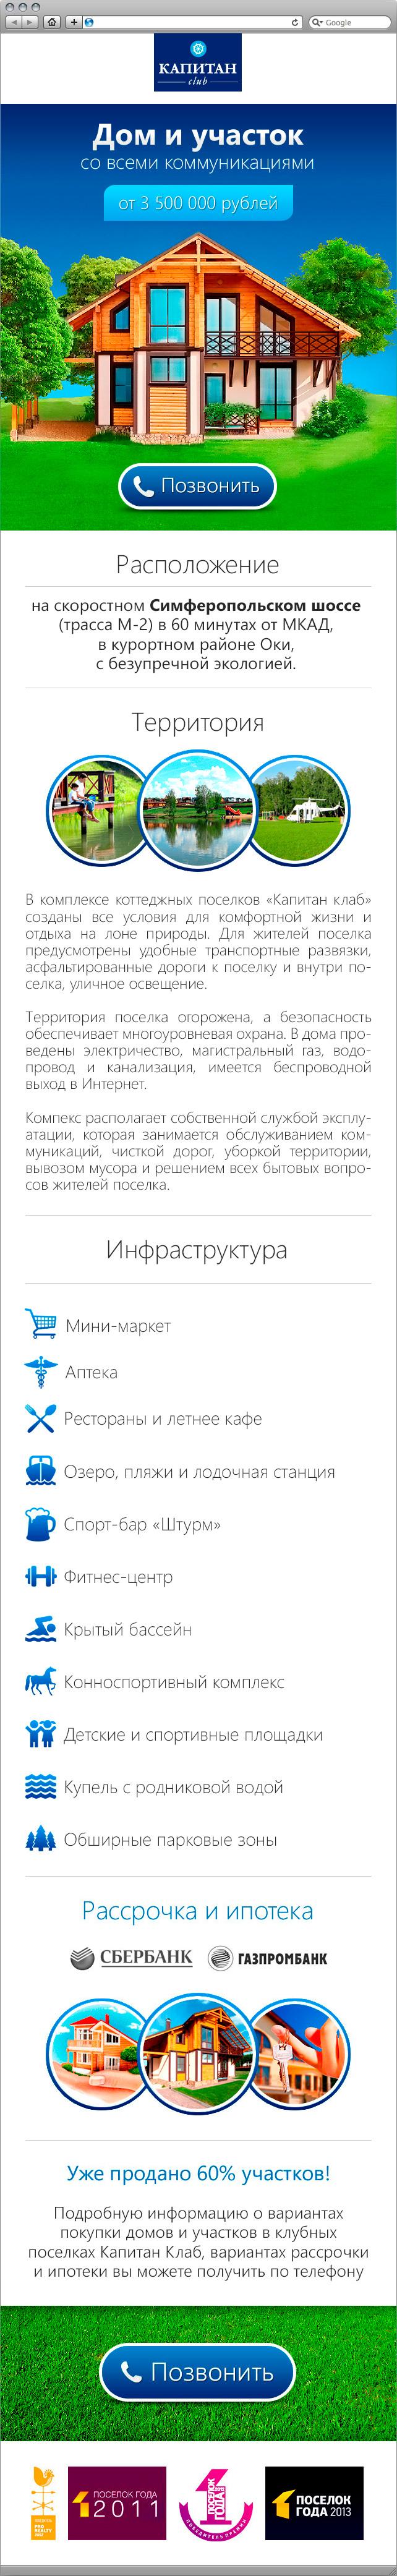 Дизайн высоко конверсионной посадочной страницы для мобильных устройств. Для комплекса клубных поселков Капитан Клаб